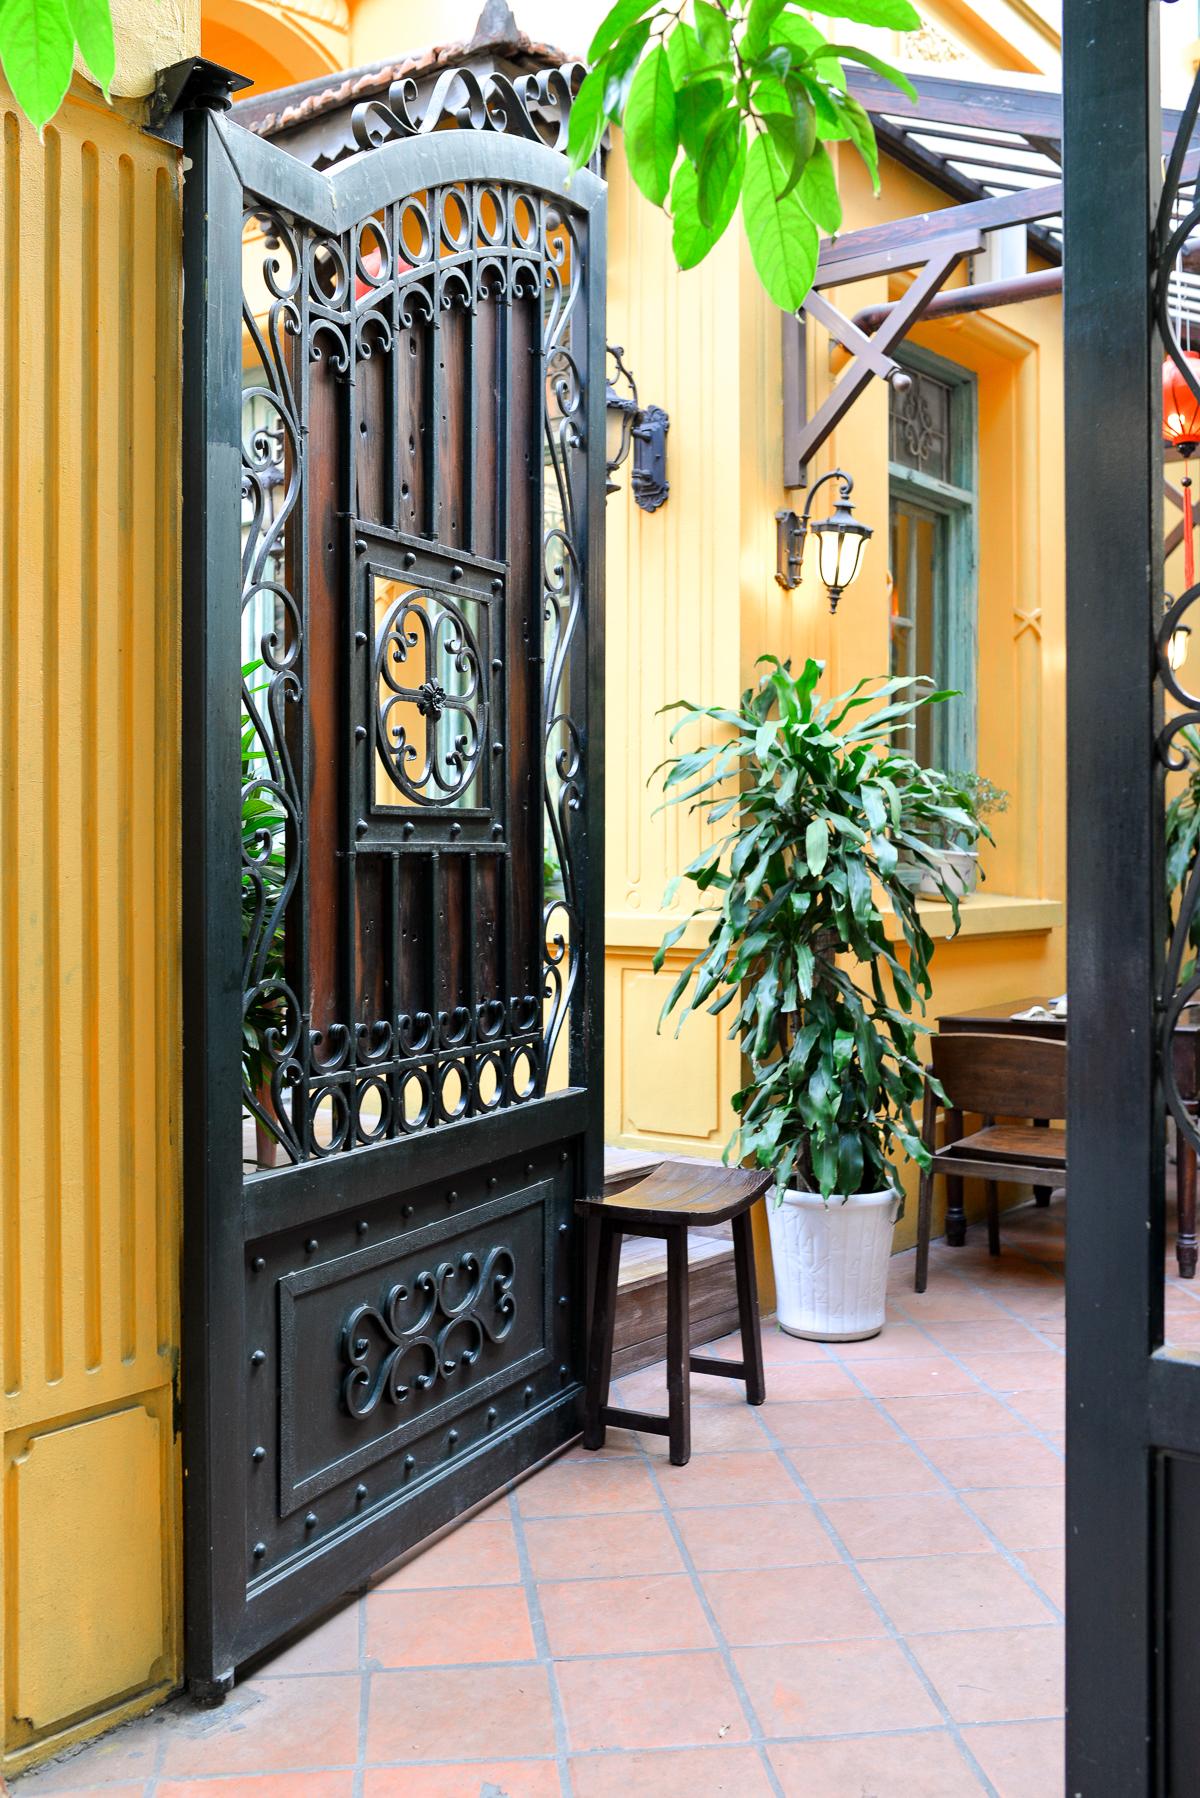 Stacie Flinner Fine Dining Vietnamese Restaurants Hanoi-7